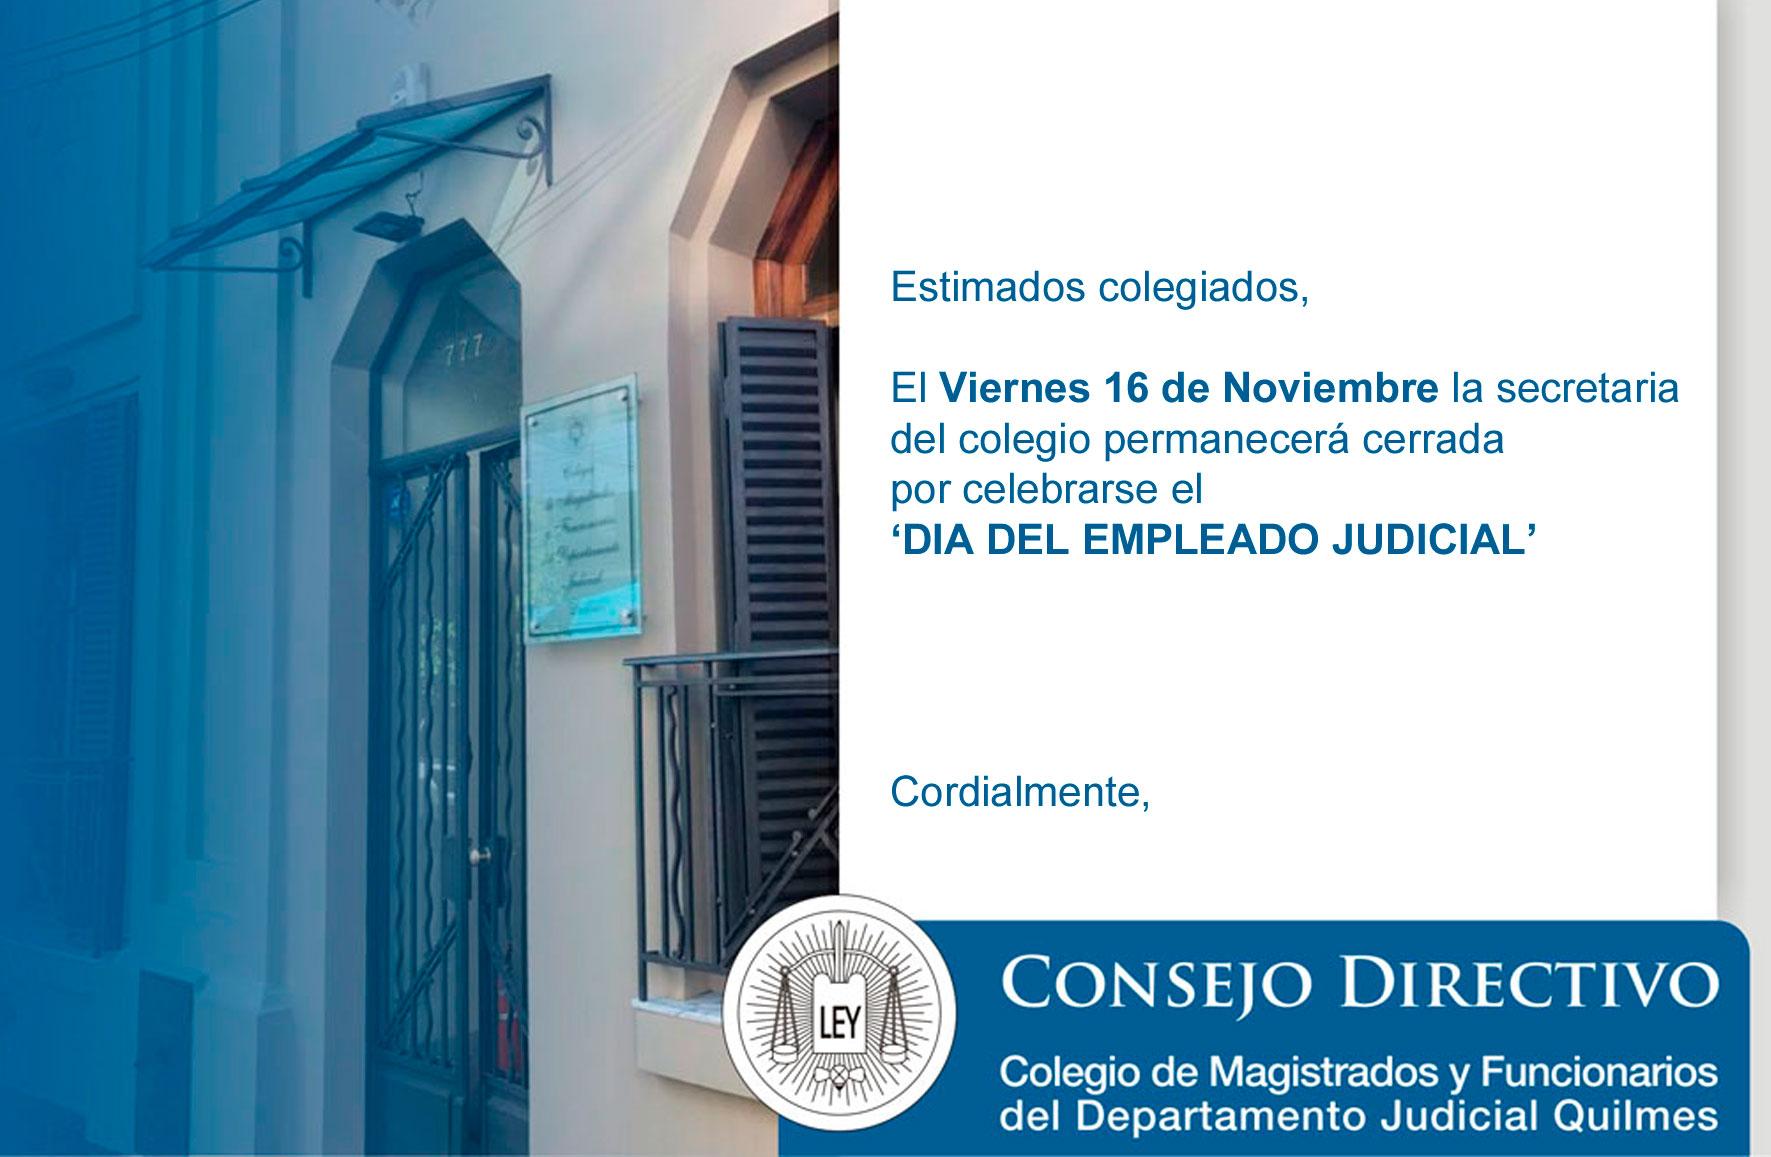 ¡Importante! //Viernes 16-11//Secretaría cerrada